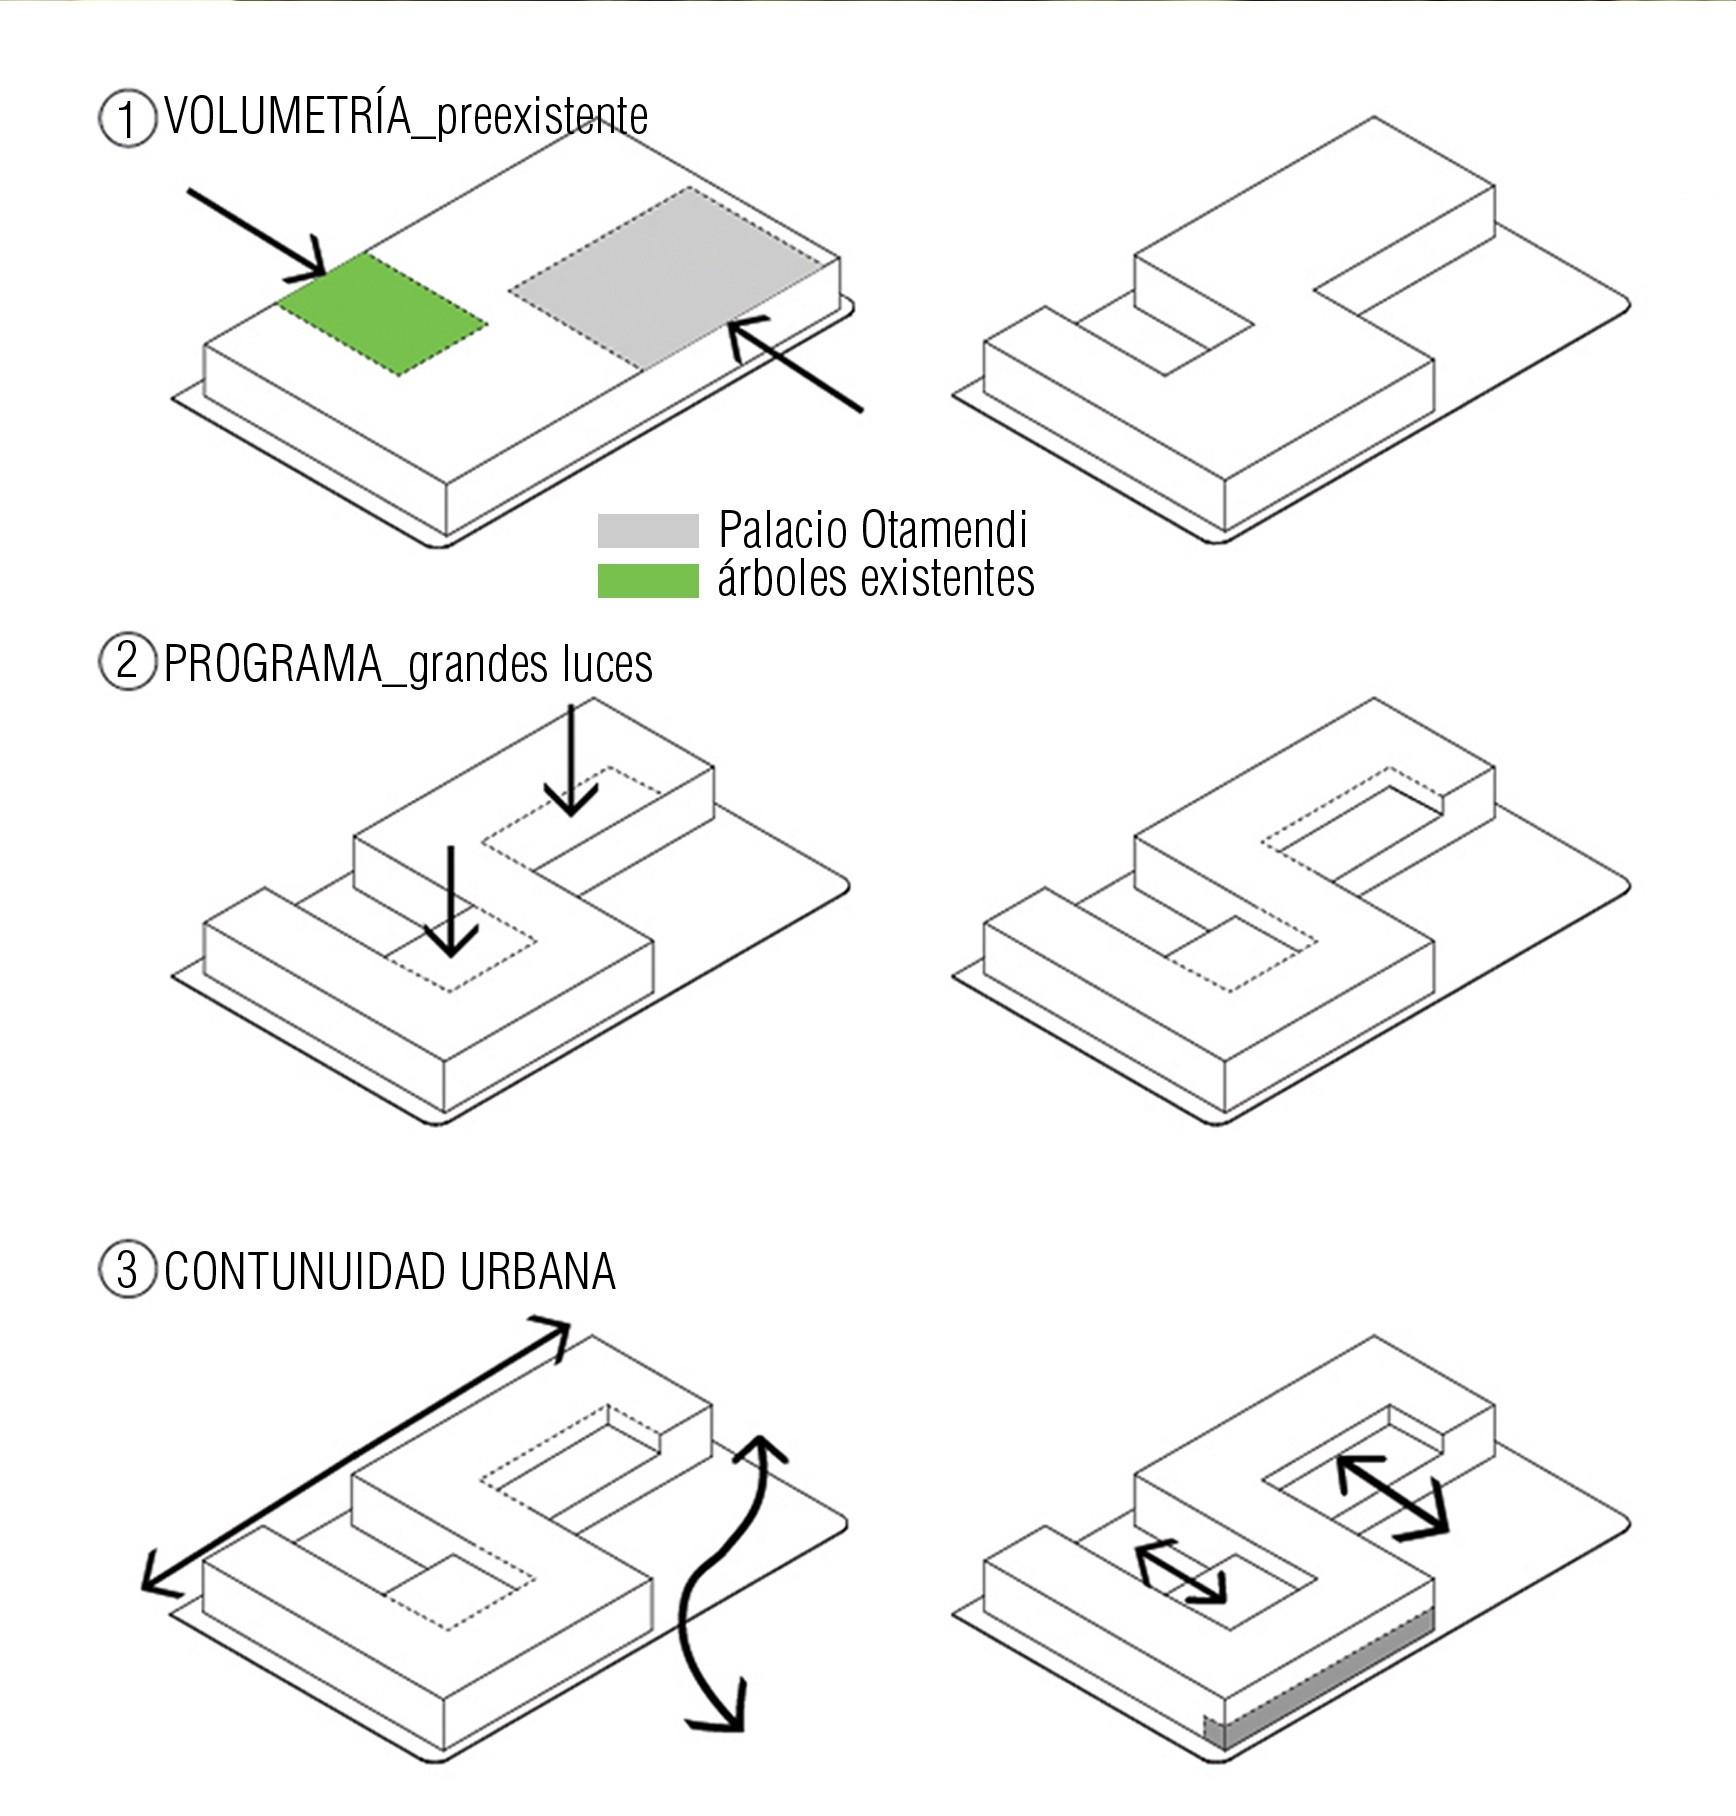 Esquema volumetría y programa. Image Courtesy of Agostina Sambataro